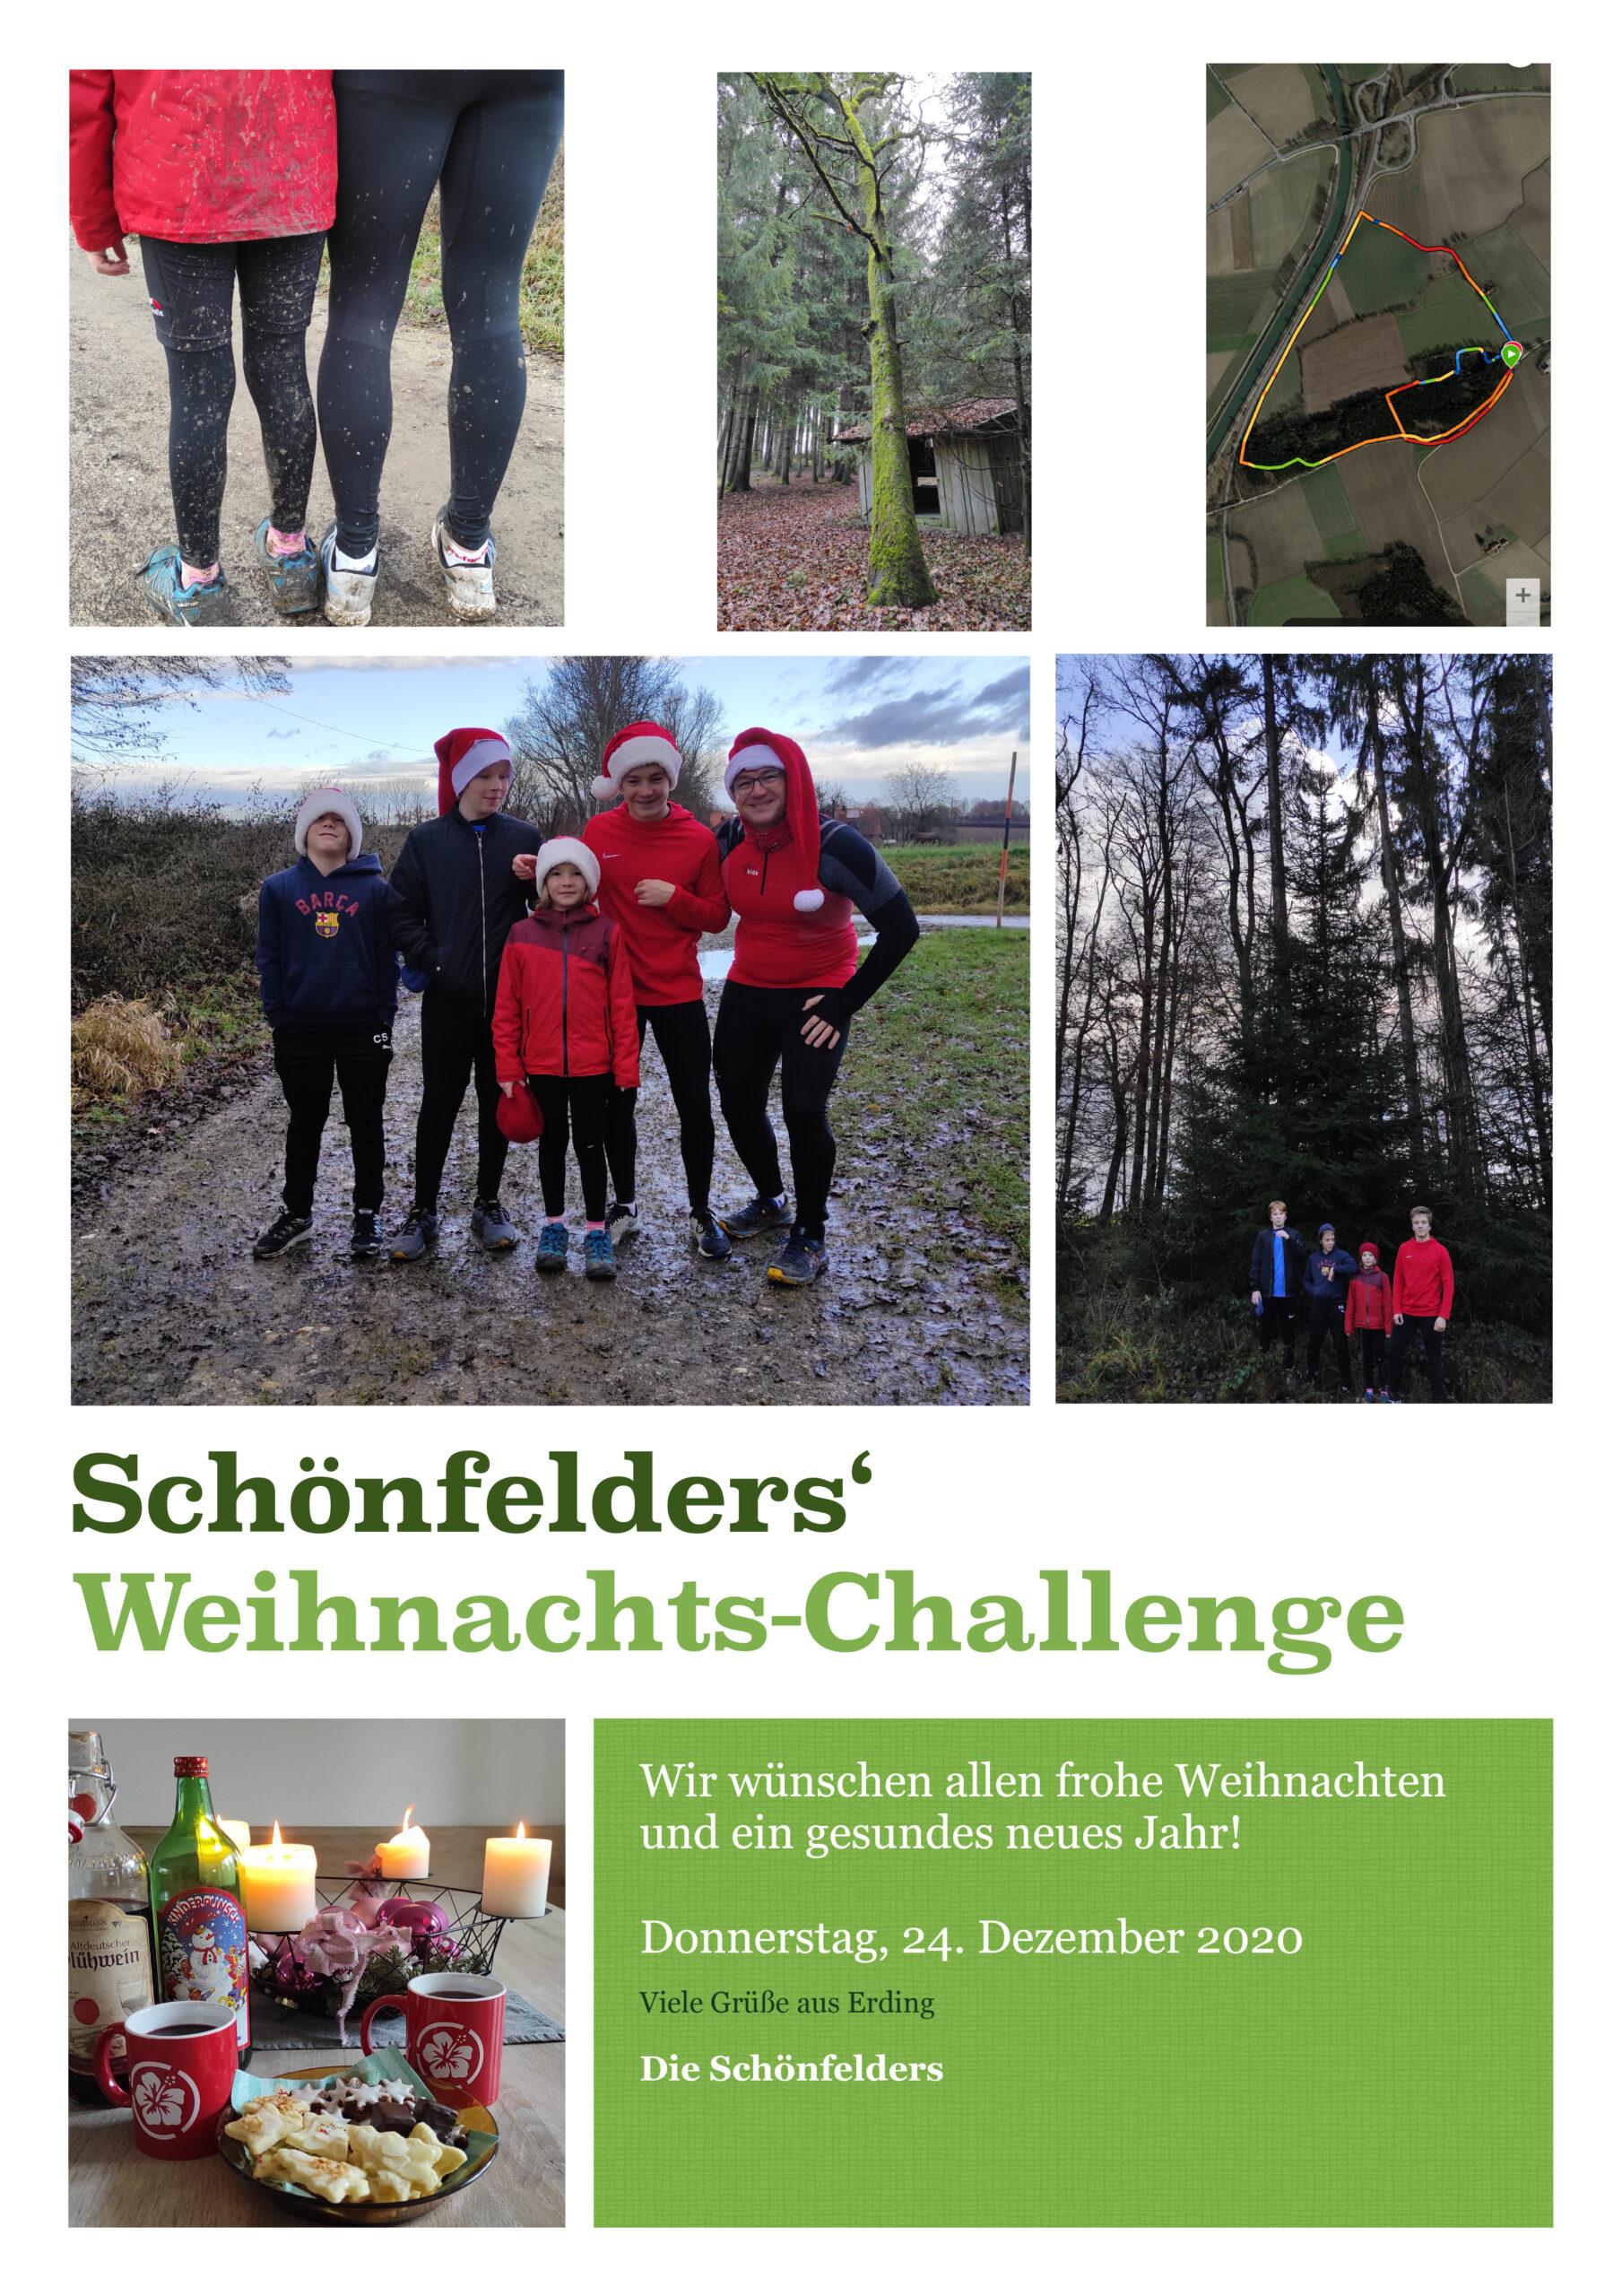 Schönfelders' Weihnachts-Challenge